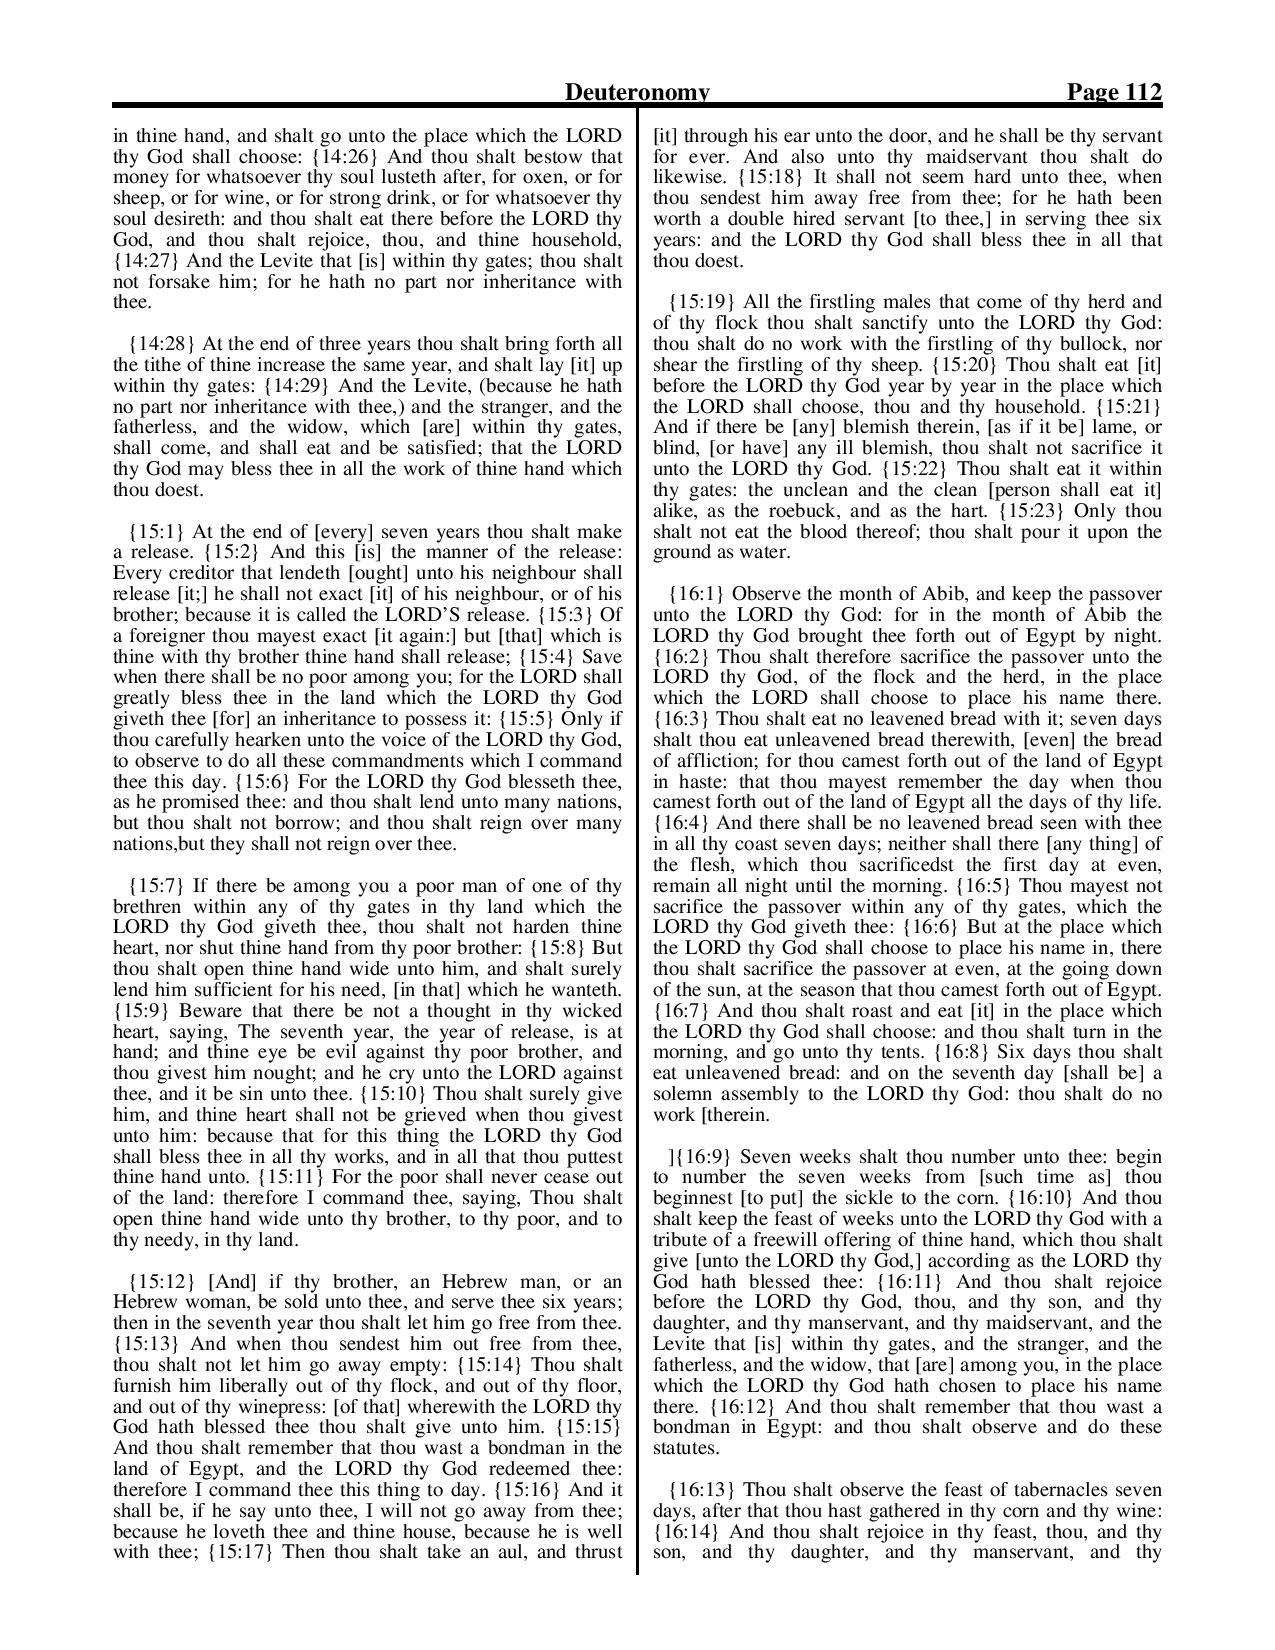 King-James-Bible-KJV-Bible-PDF-page-133